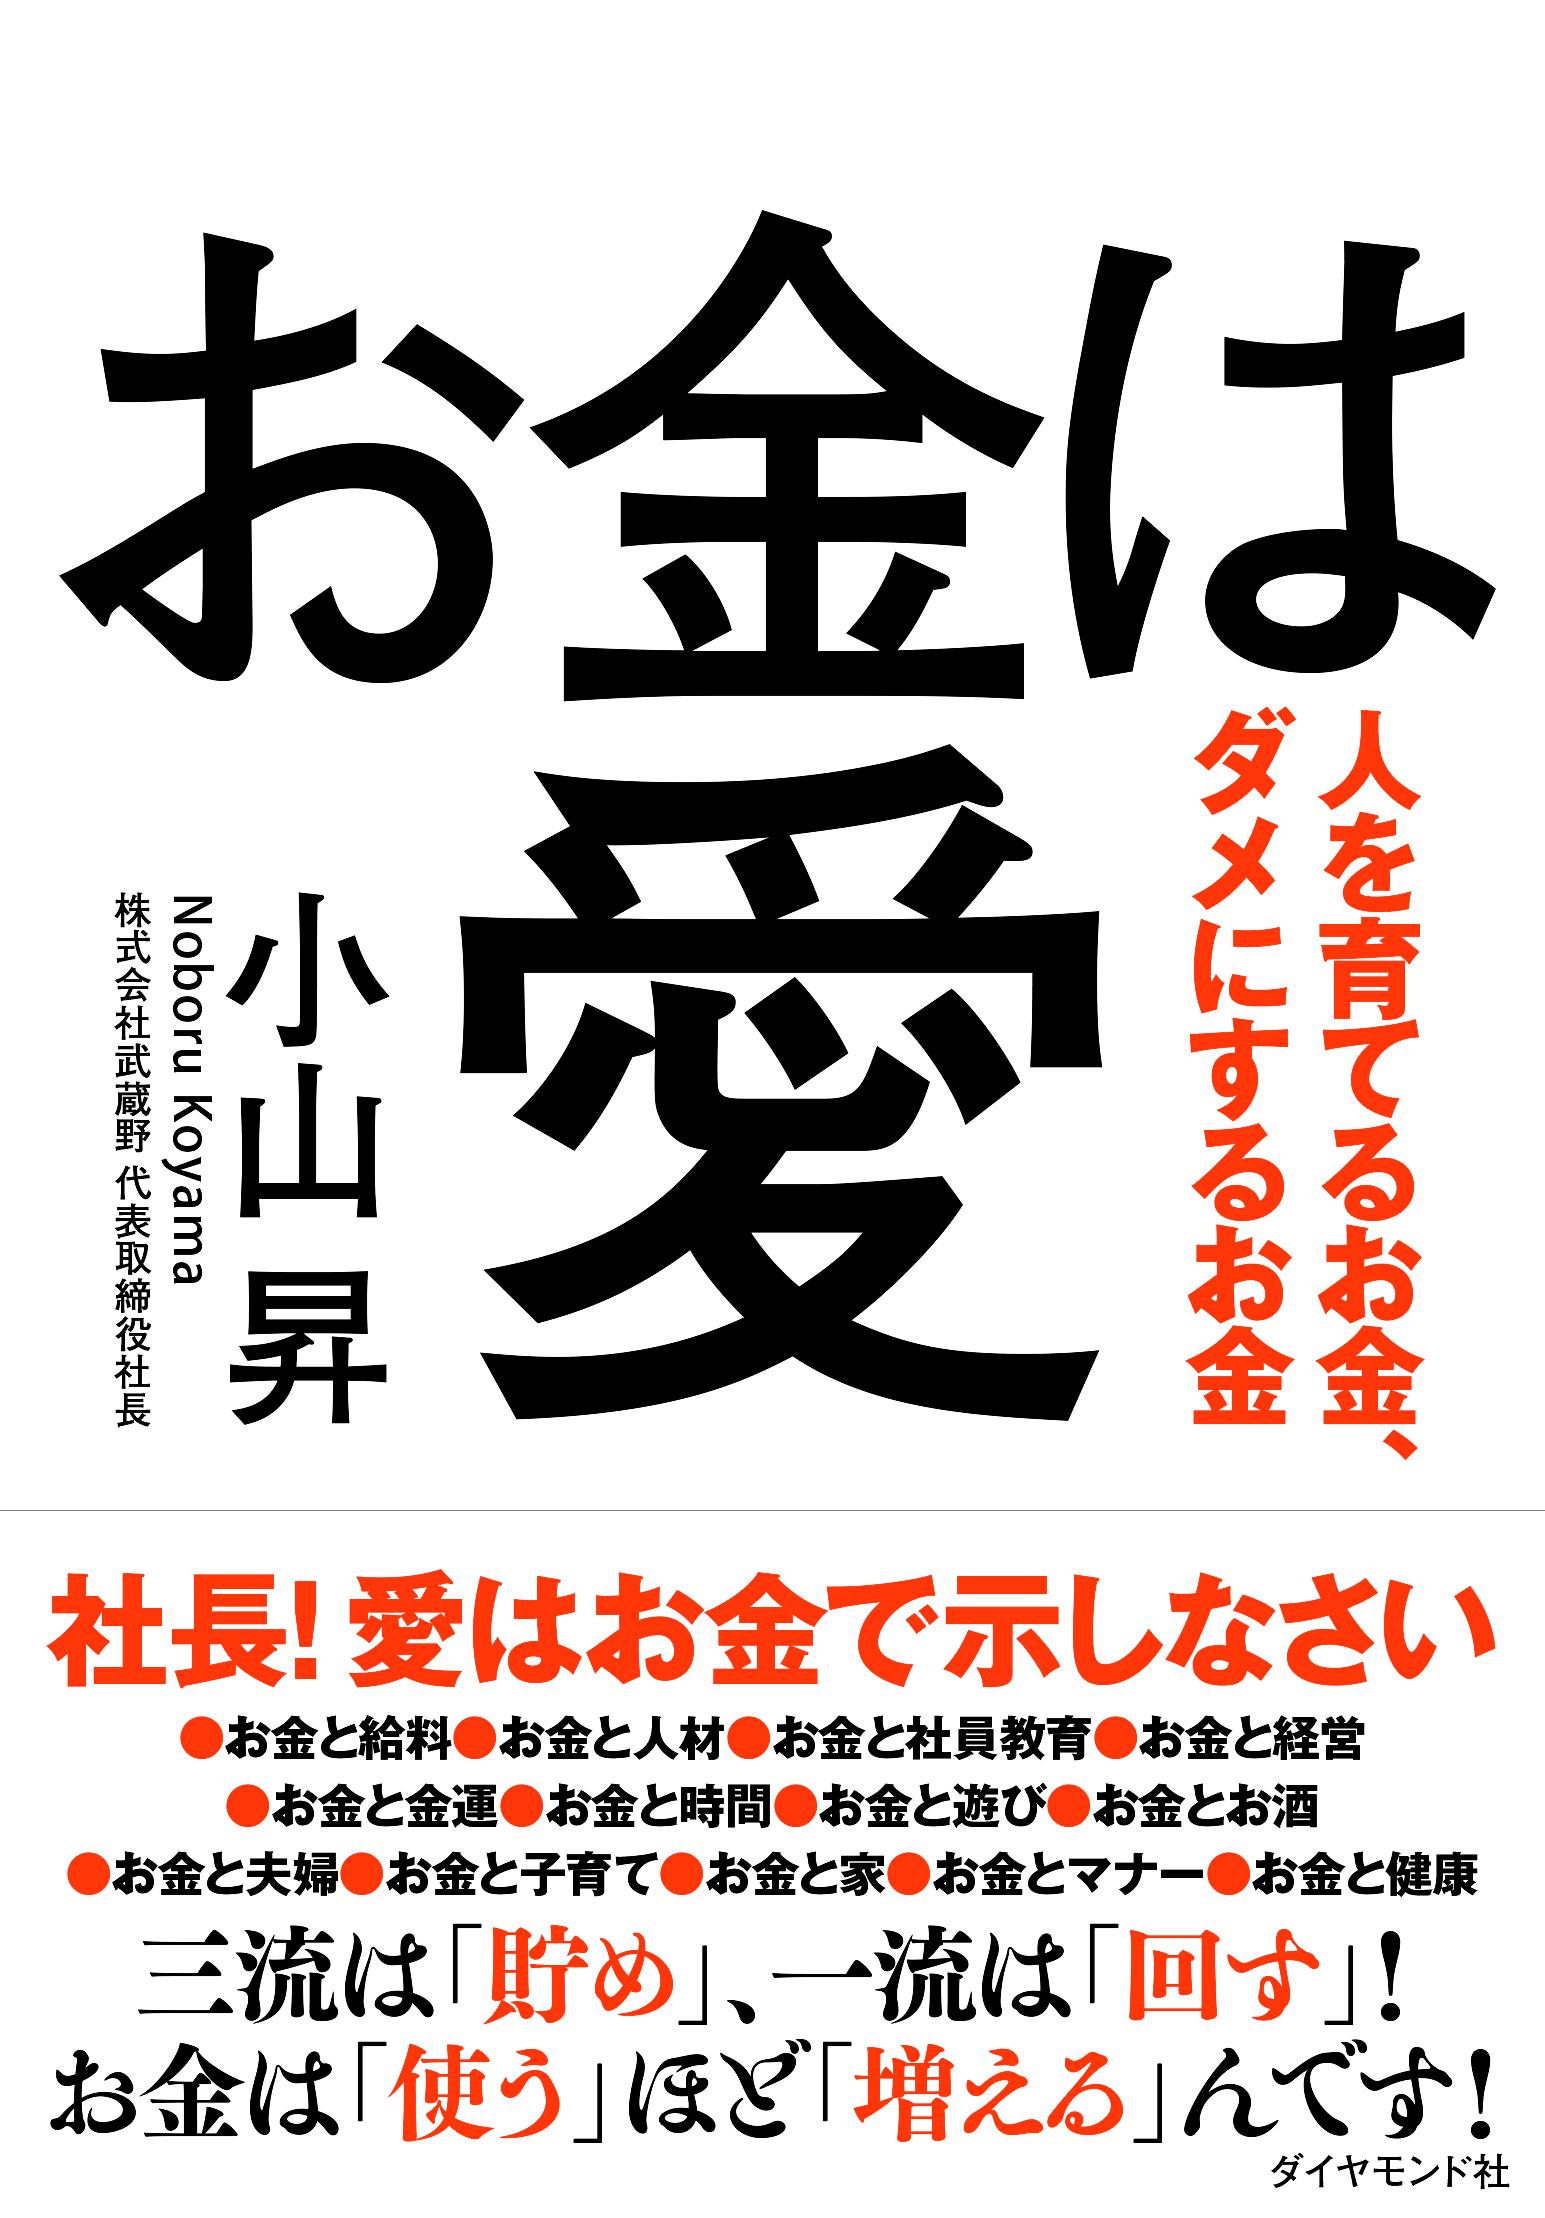 お金は愛  (2018/12/6)